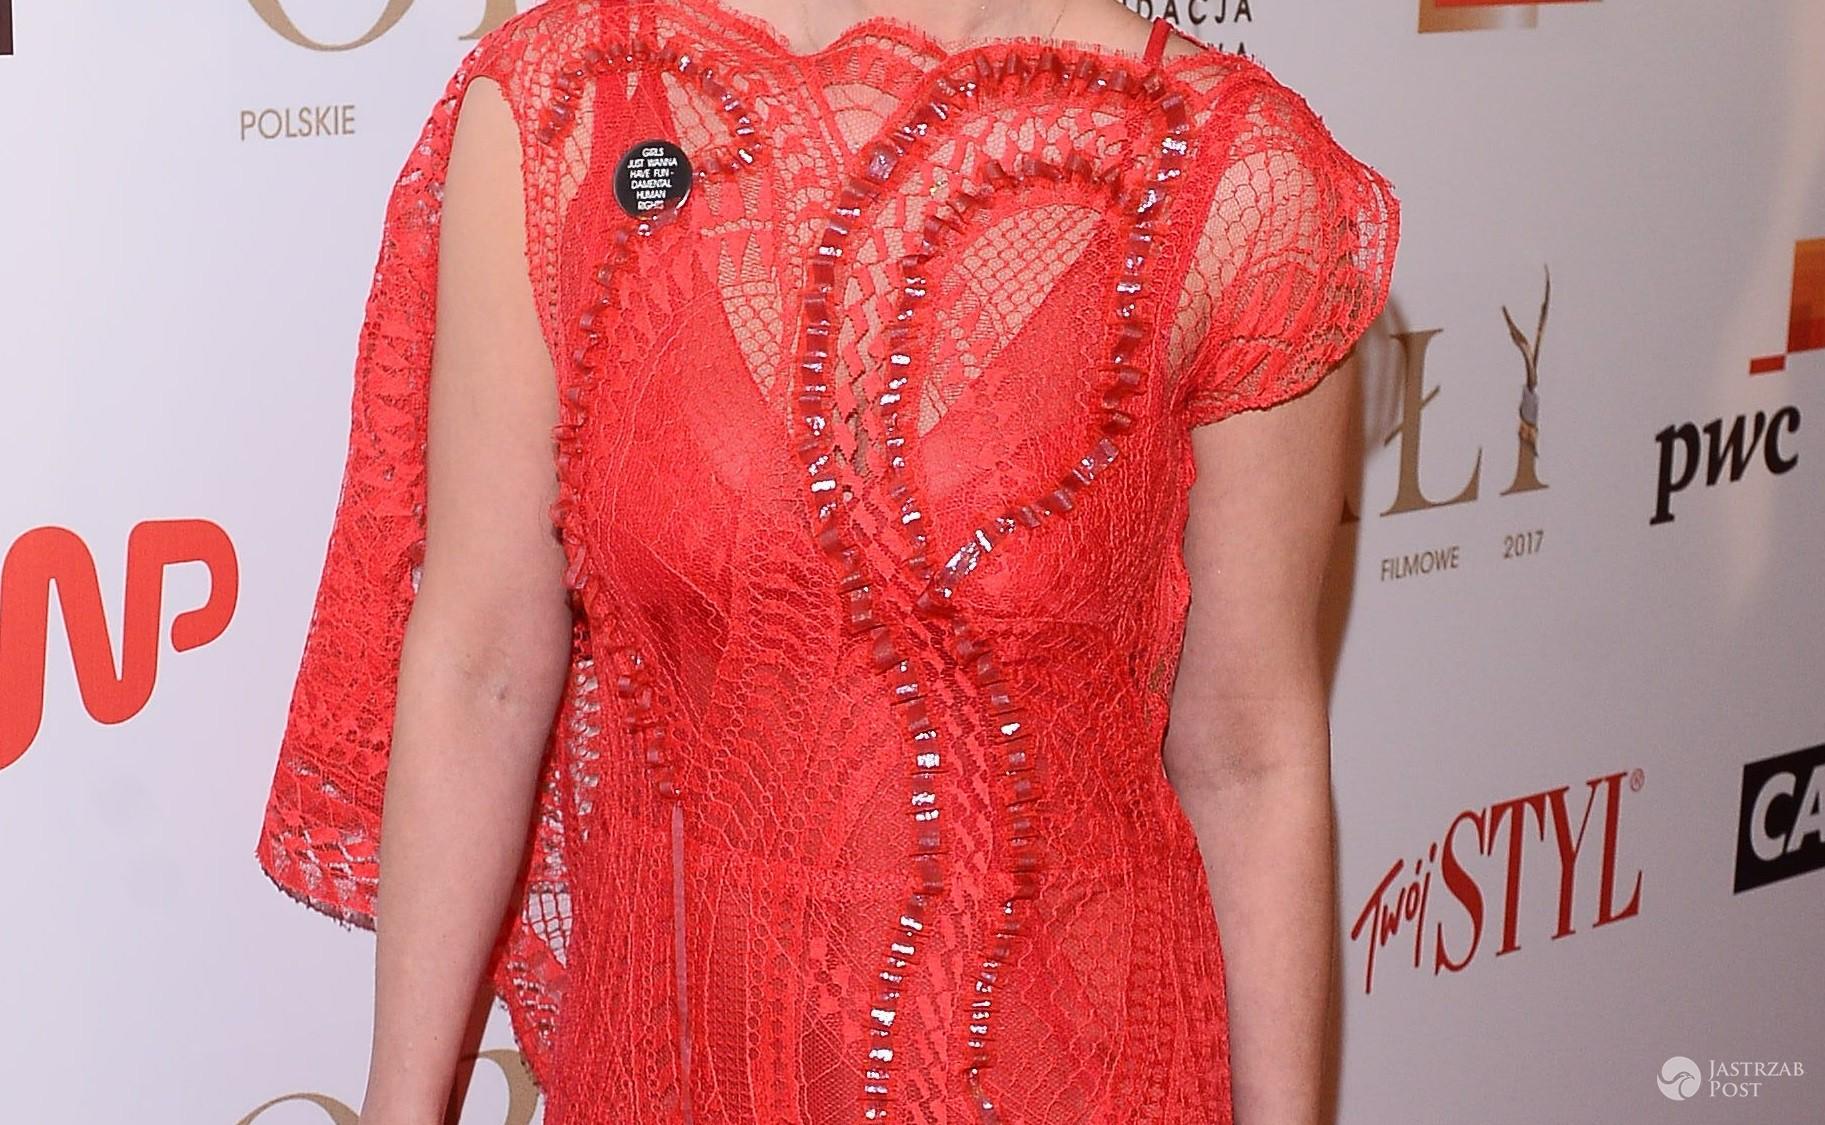 Orły 2017: Magdalena Boczarska w czerwonej kreacji. Elegancką suknię ozdobiła przypinką z mocnym wyznaniem - Magdalena Boczarska – Orły 2017